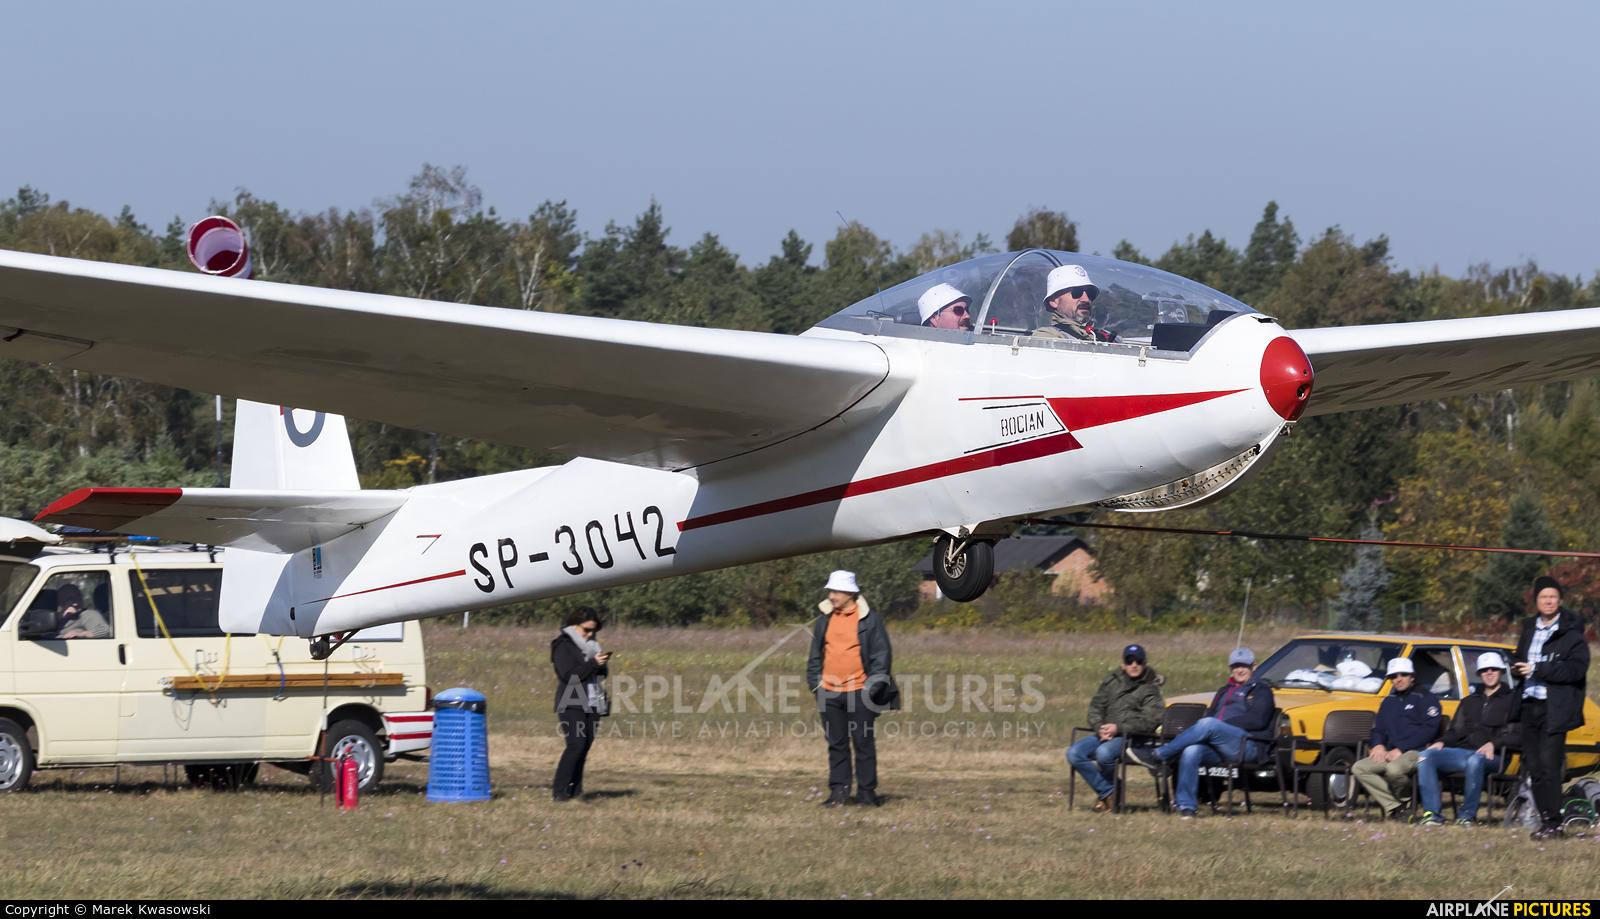 Aeroklub Warszawski SP-3042 aircraft at Warsaw - Babice